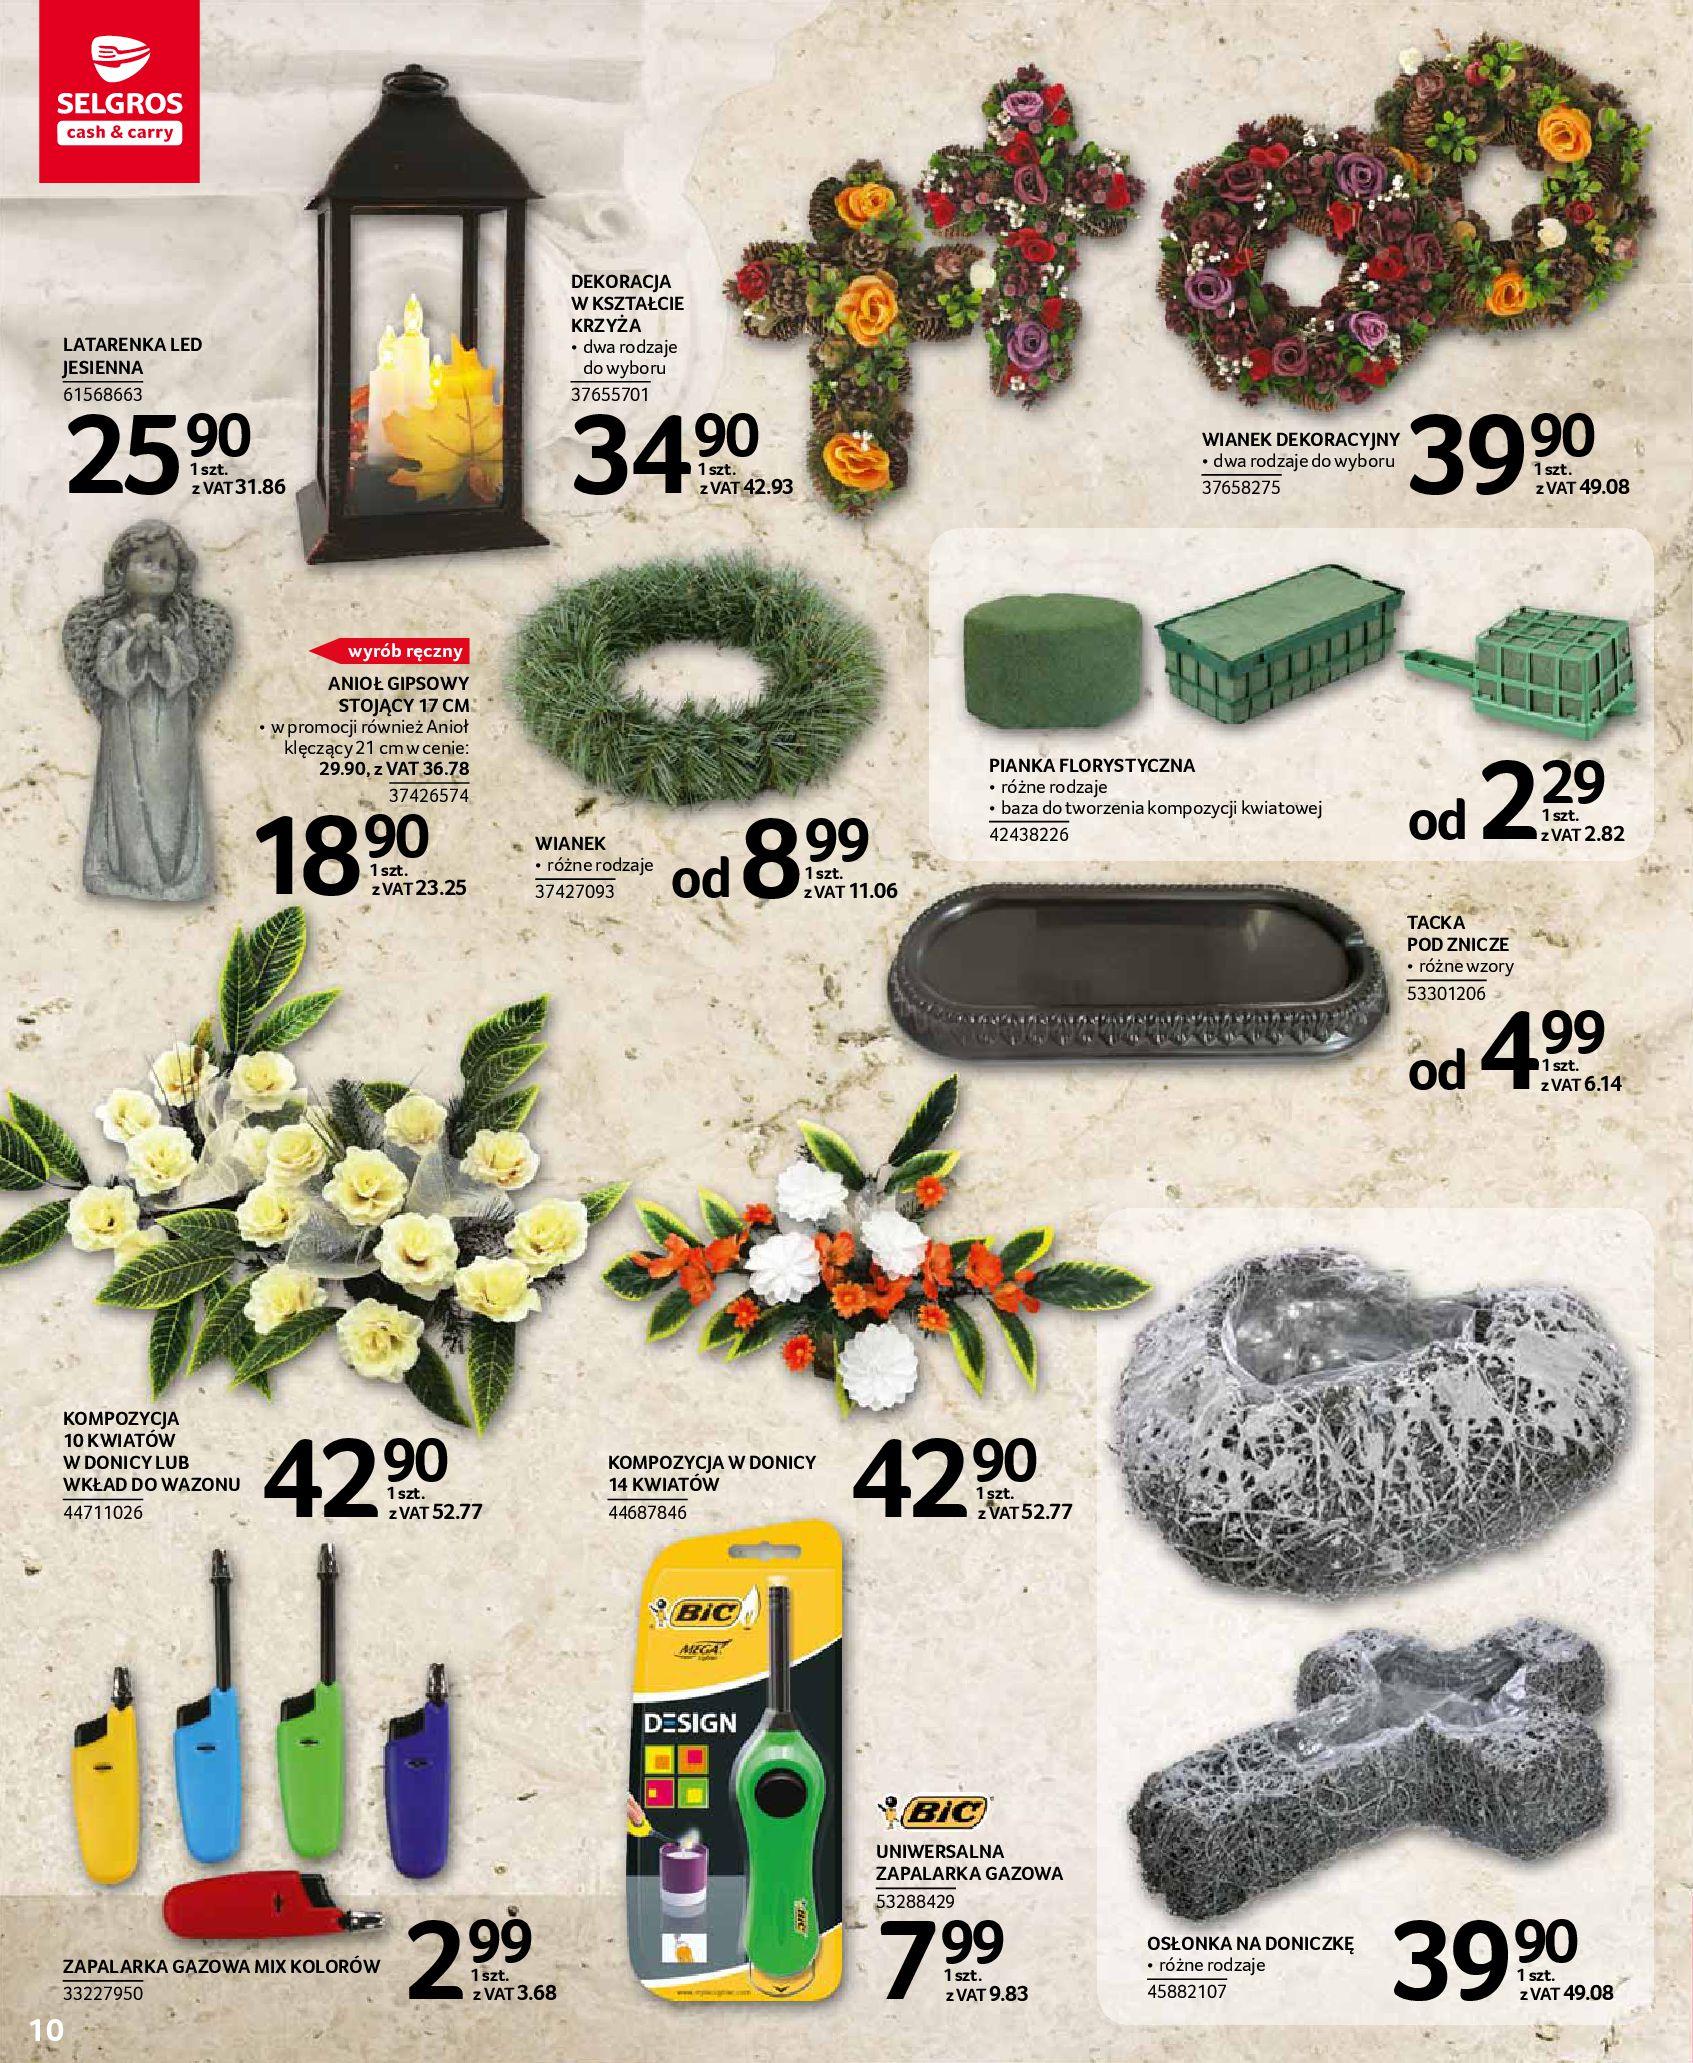 Gazetka Selgros - Katalog - Wszystkich Świętych-07.10.2020-31.10.2020-page-10